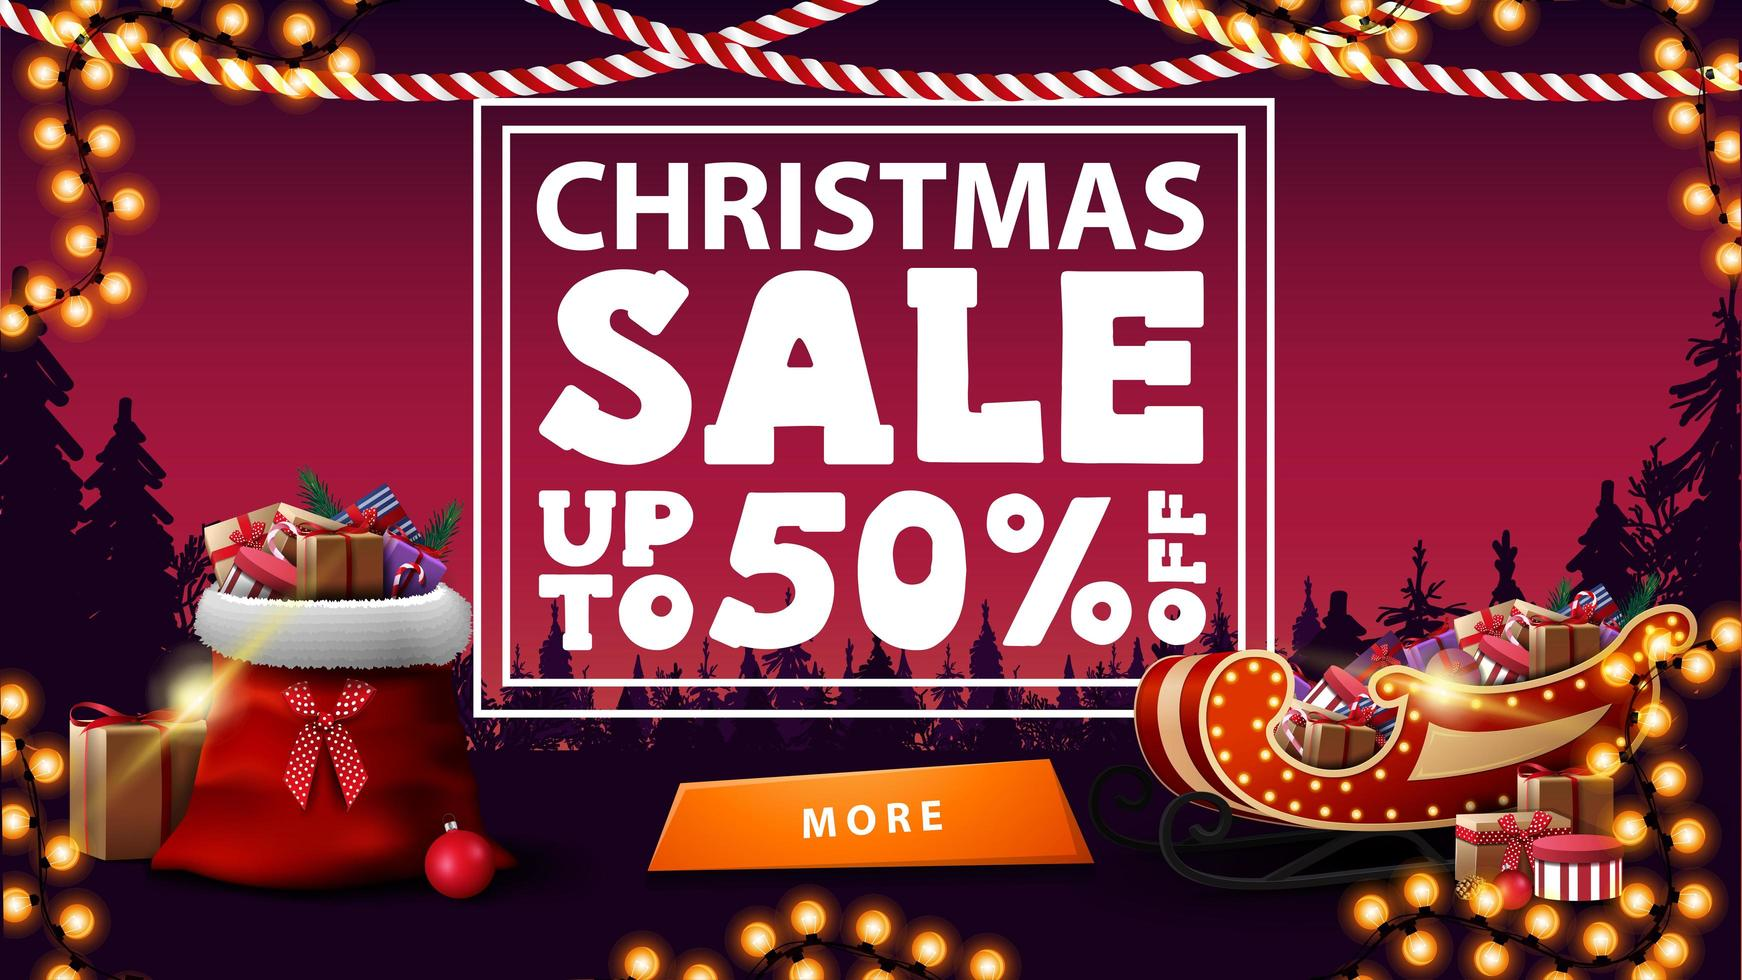 Weihnachtsverkauf, bis zu 50 Rabatt, rosa Rabatt Banner mit Kiefernwald auf Hintergrund, Girlanden, Knopf, Weihnachtsmann Tasche, Weihnachtsschlitten mit Geschenken vektor